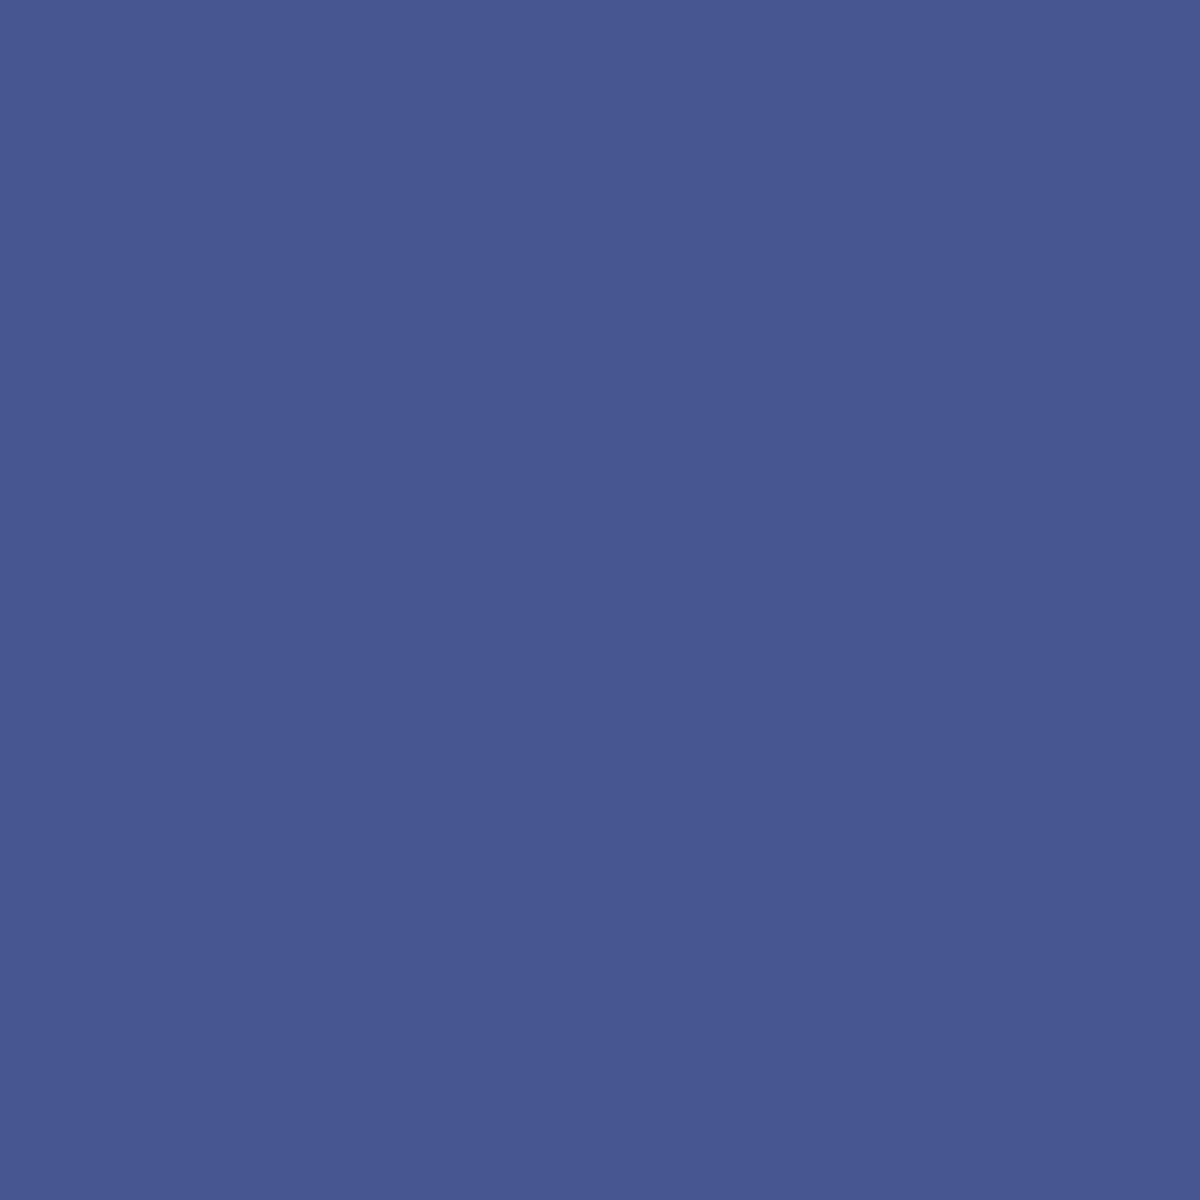 Vopsea lavabilă Chalkboard Scandinavian Blue, Benjamin Moore, 1 litru / cutie